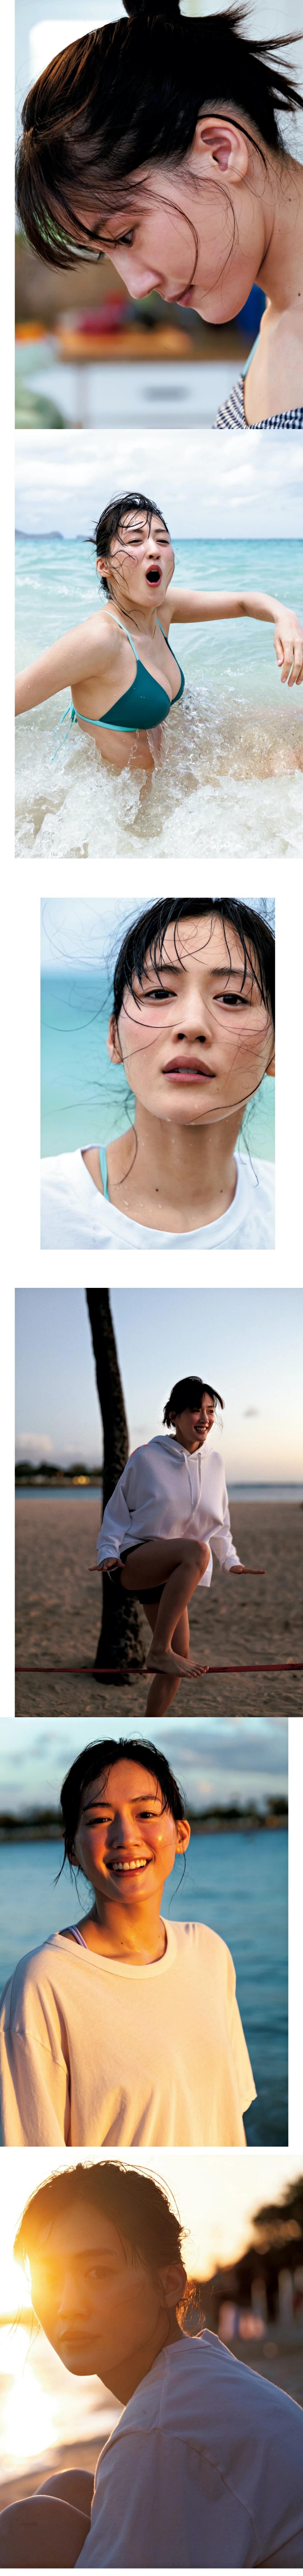 綾瀨遙2020年寫真手冊 –(绫濑遥的世界2:夏威夷) 7n5.ne发布